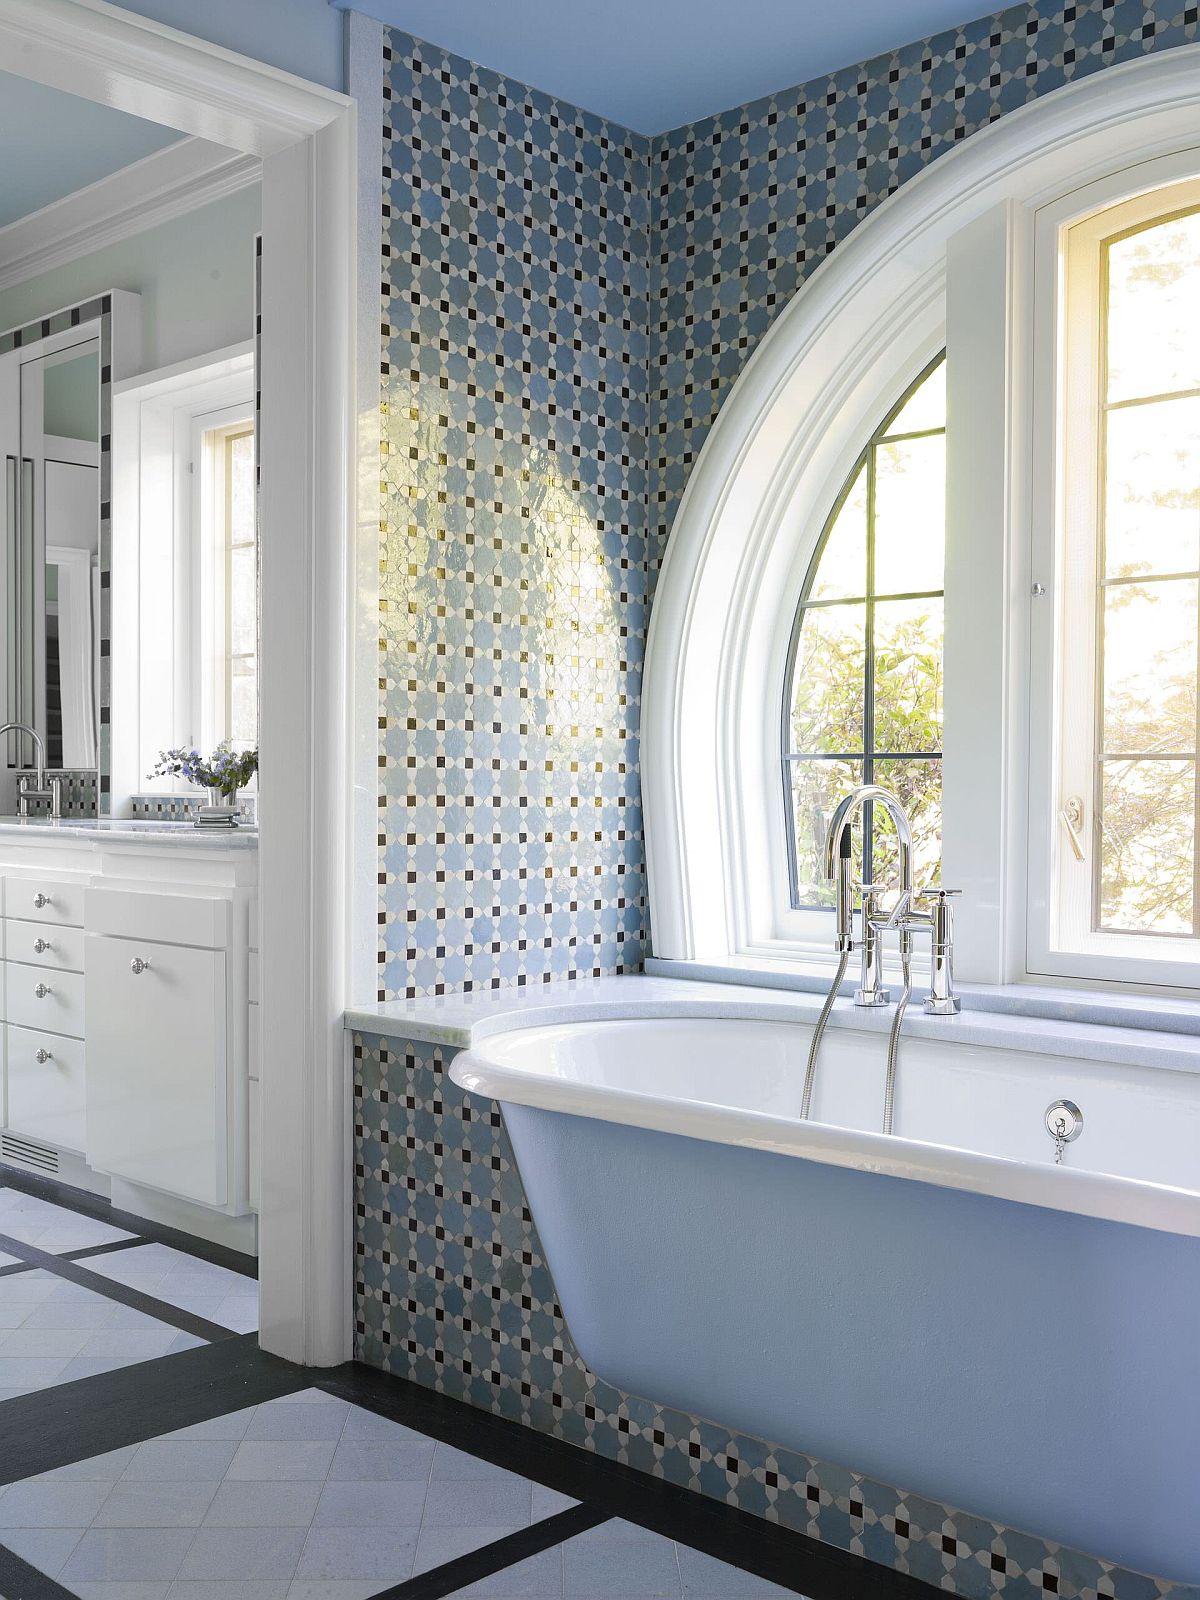 Bồn tắm màu xanh lam nhạt cho phòng tắm thời Victoria hiện đại